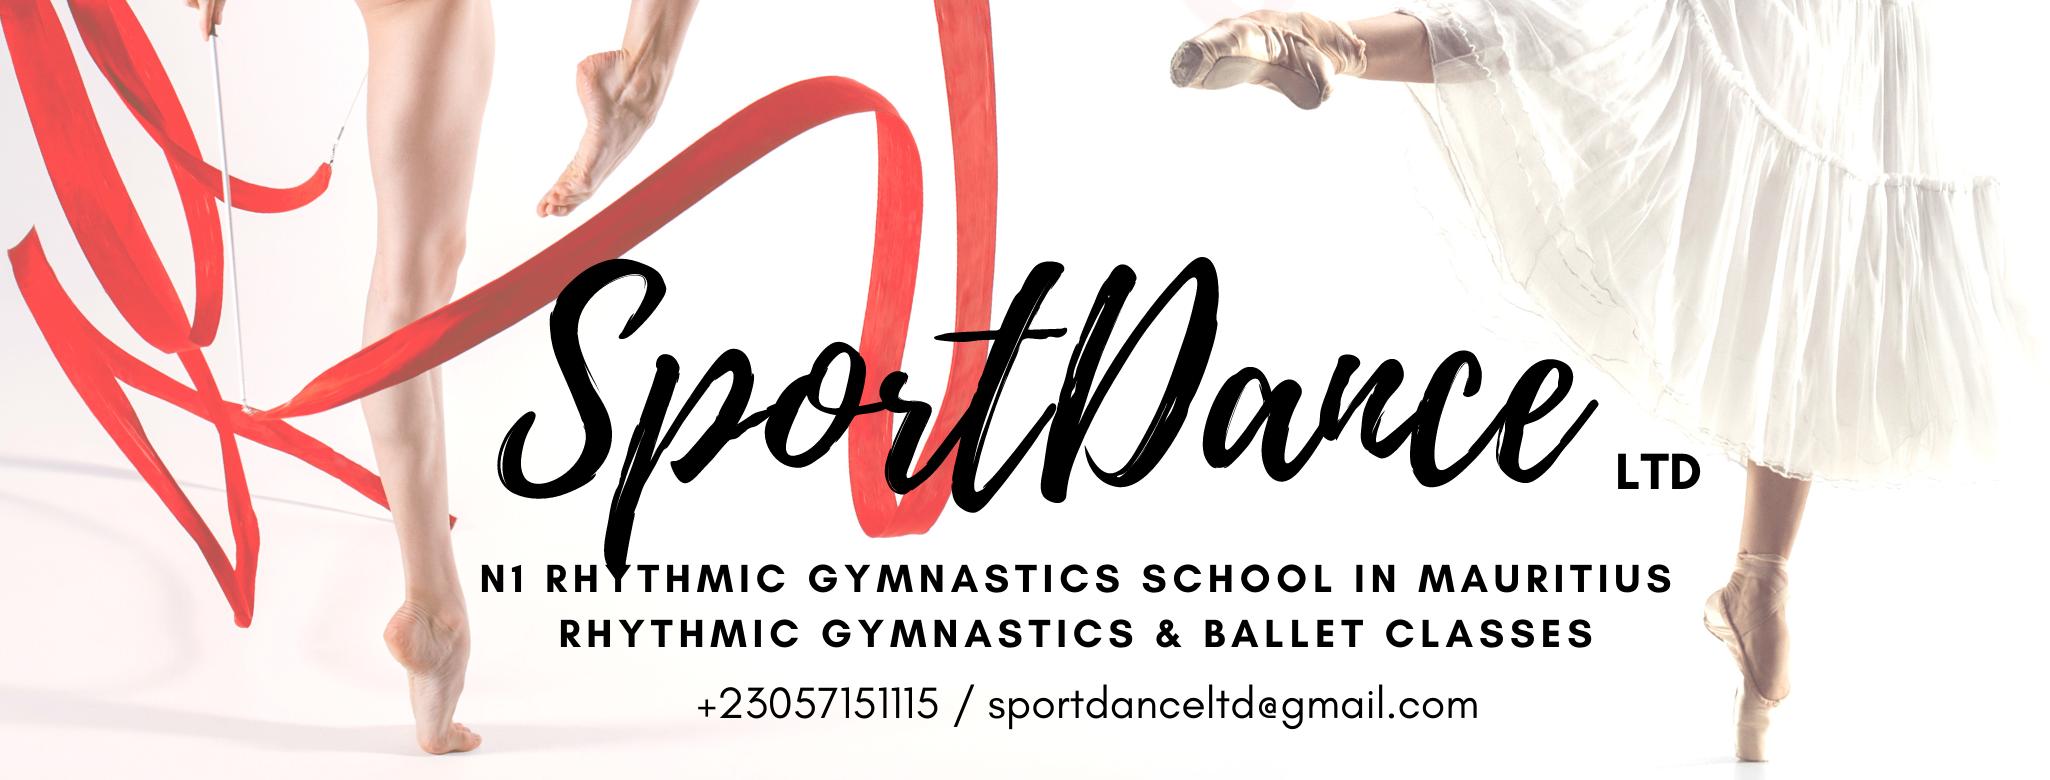 Rhythmic Gymnastics and Ballet schedule